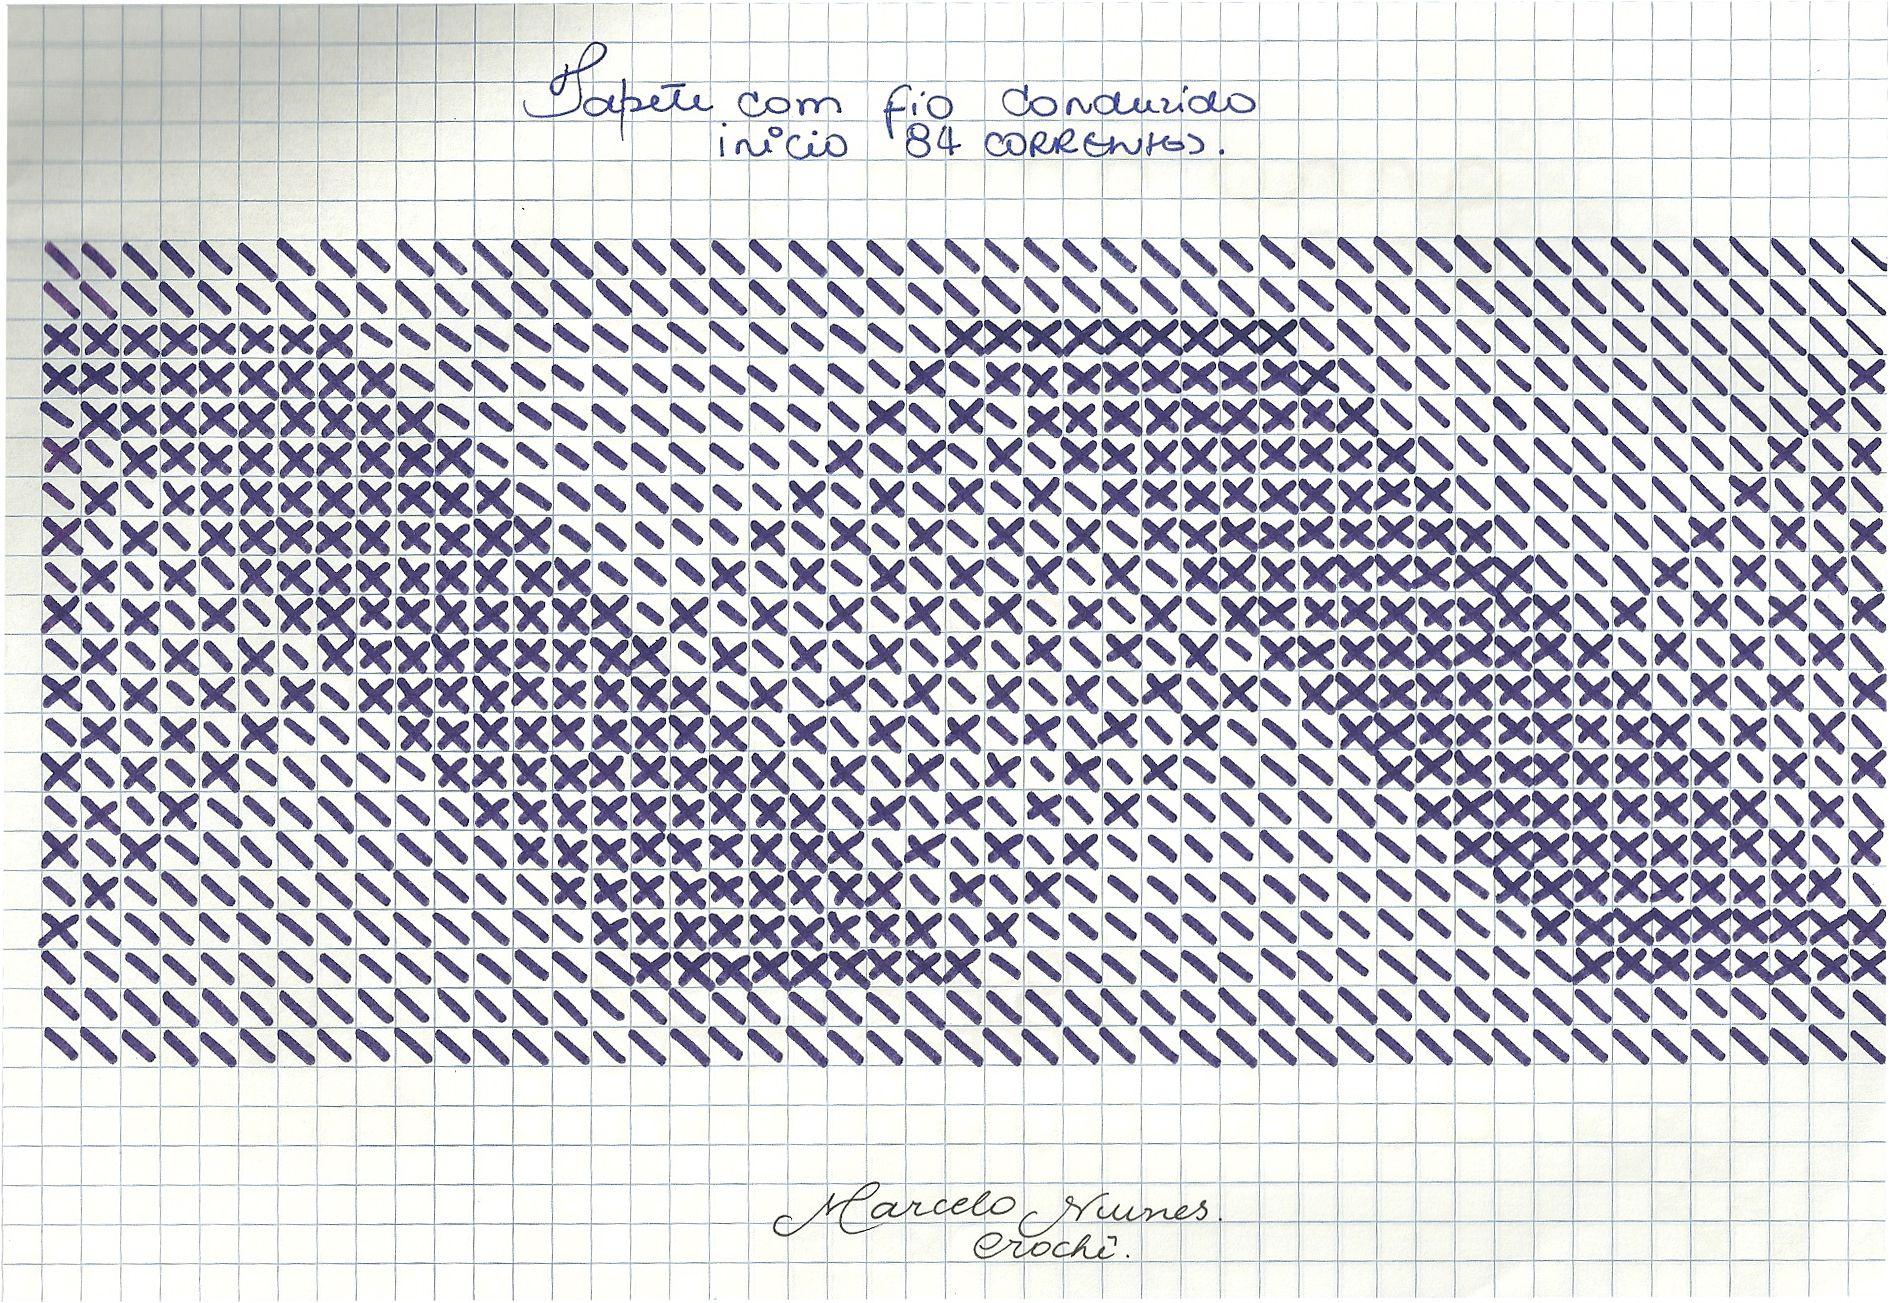 Modelo Tapete Croche Foto Reproduo Tapete Guar Modelo Russo